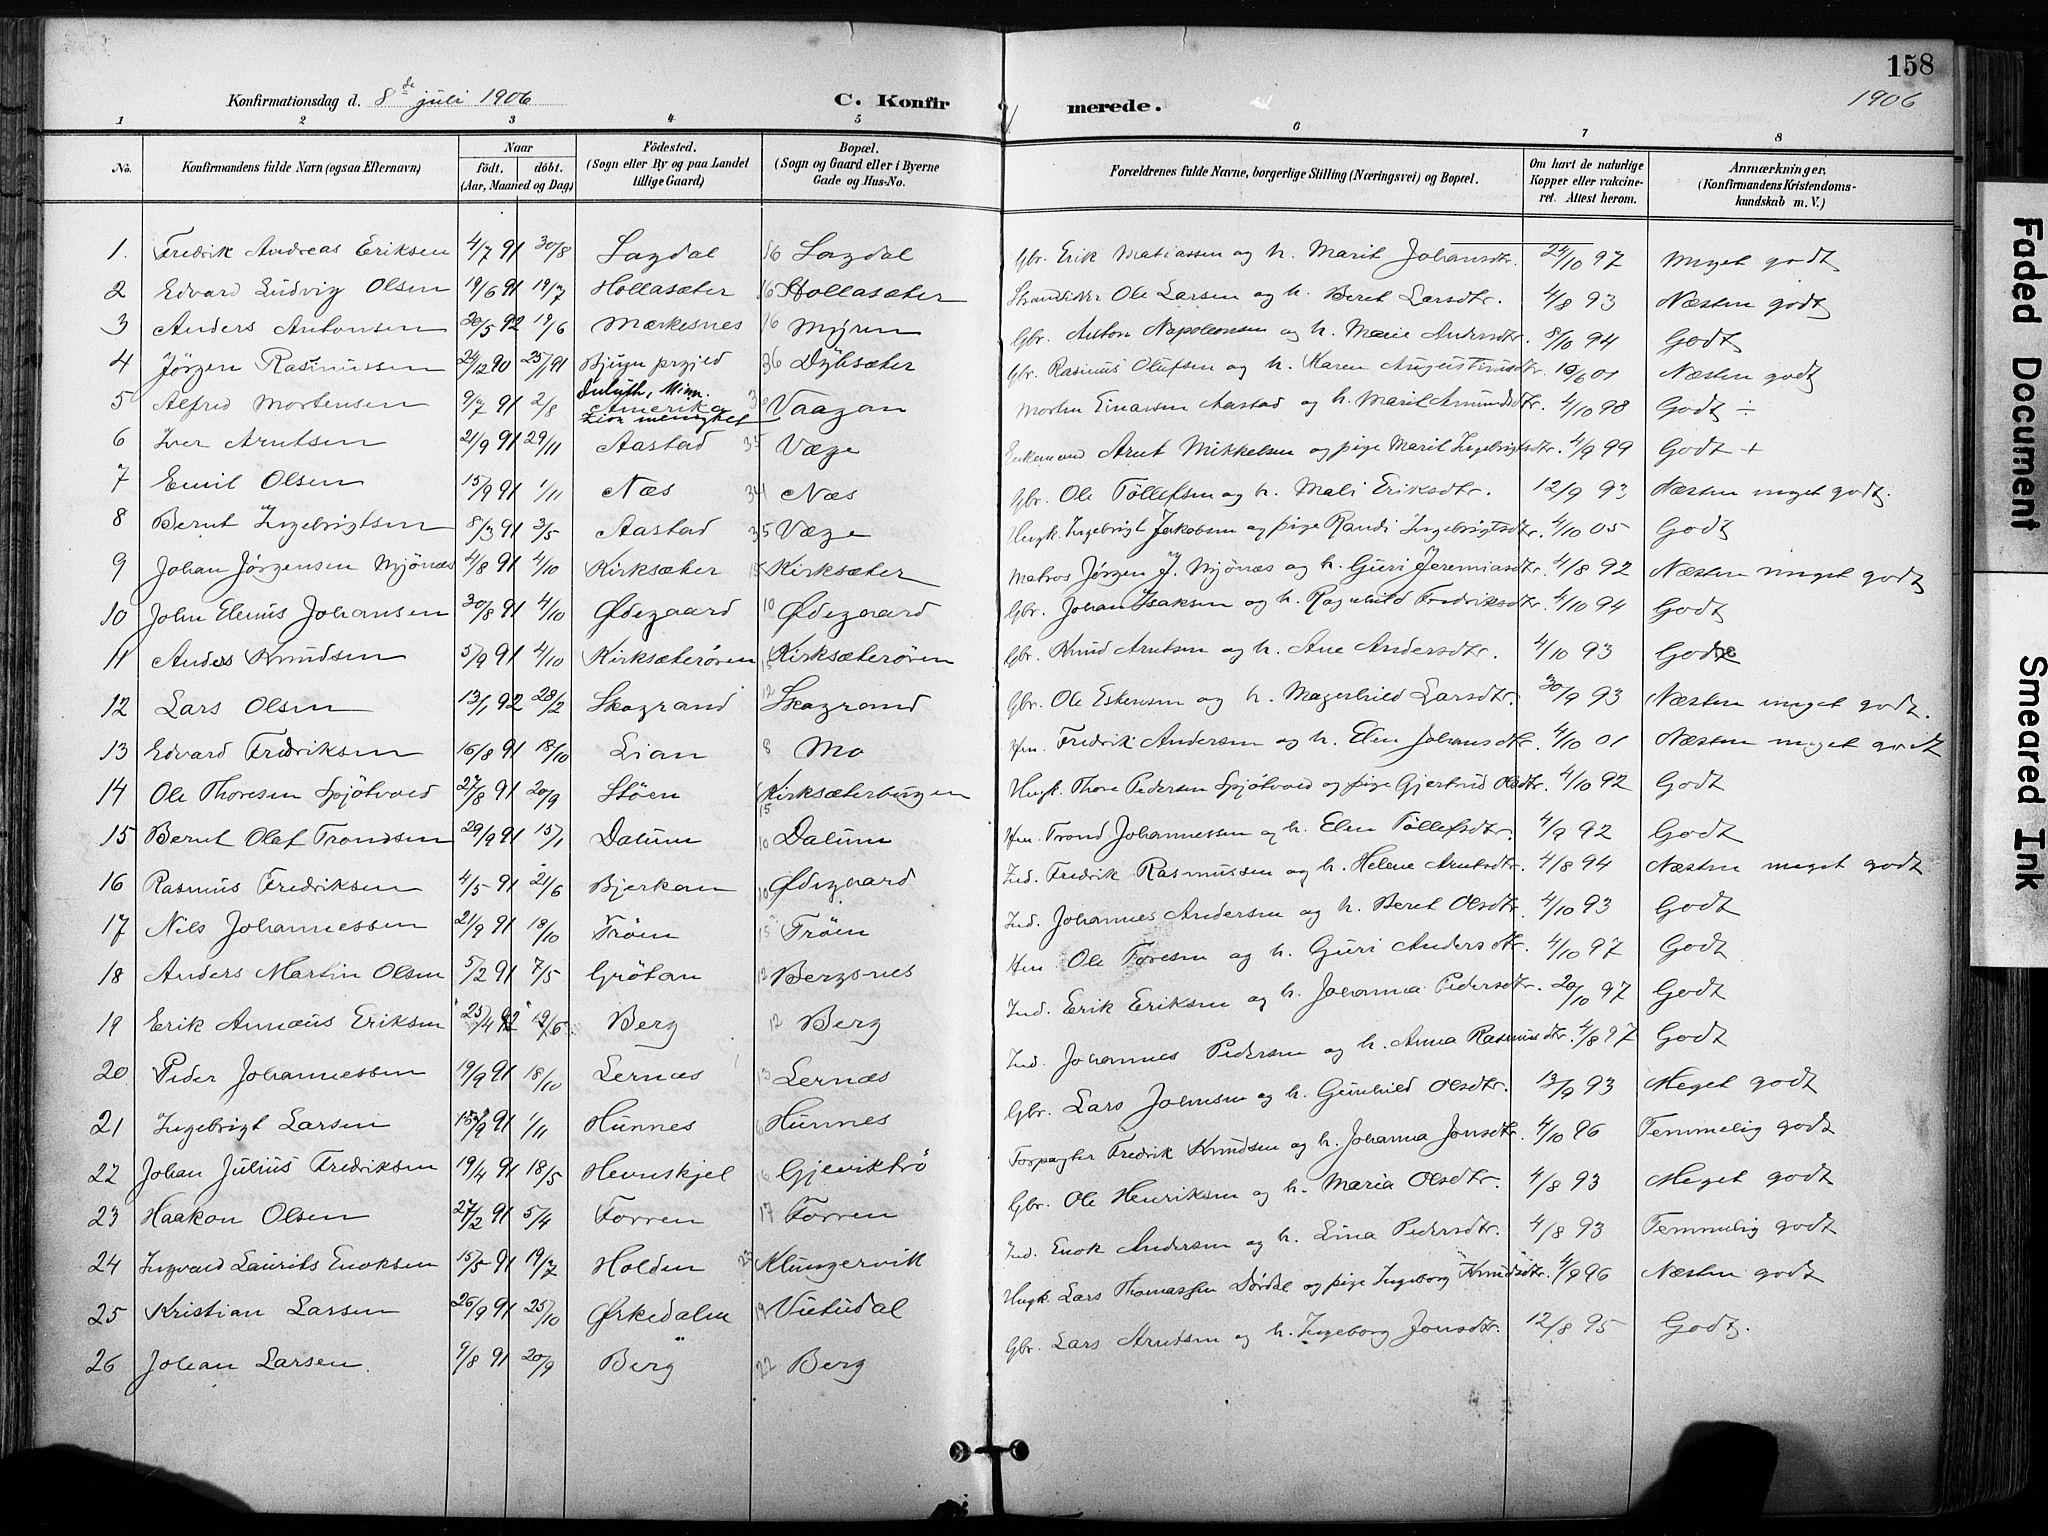 SAT, Ministerialprotokoller, klokkerbøker og fødselsregistre - Sør-Trøndelag, 630/L0497: Ministerialbok nr. 630A10, 1896-1910, s. 158